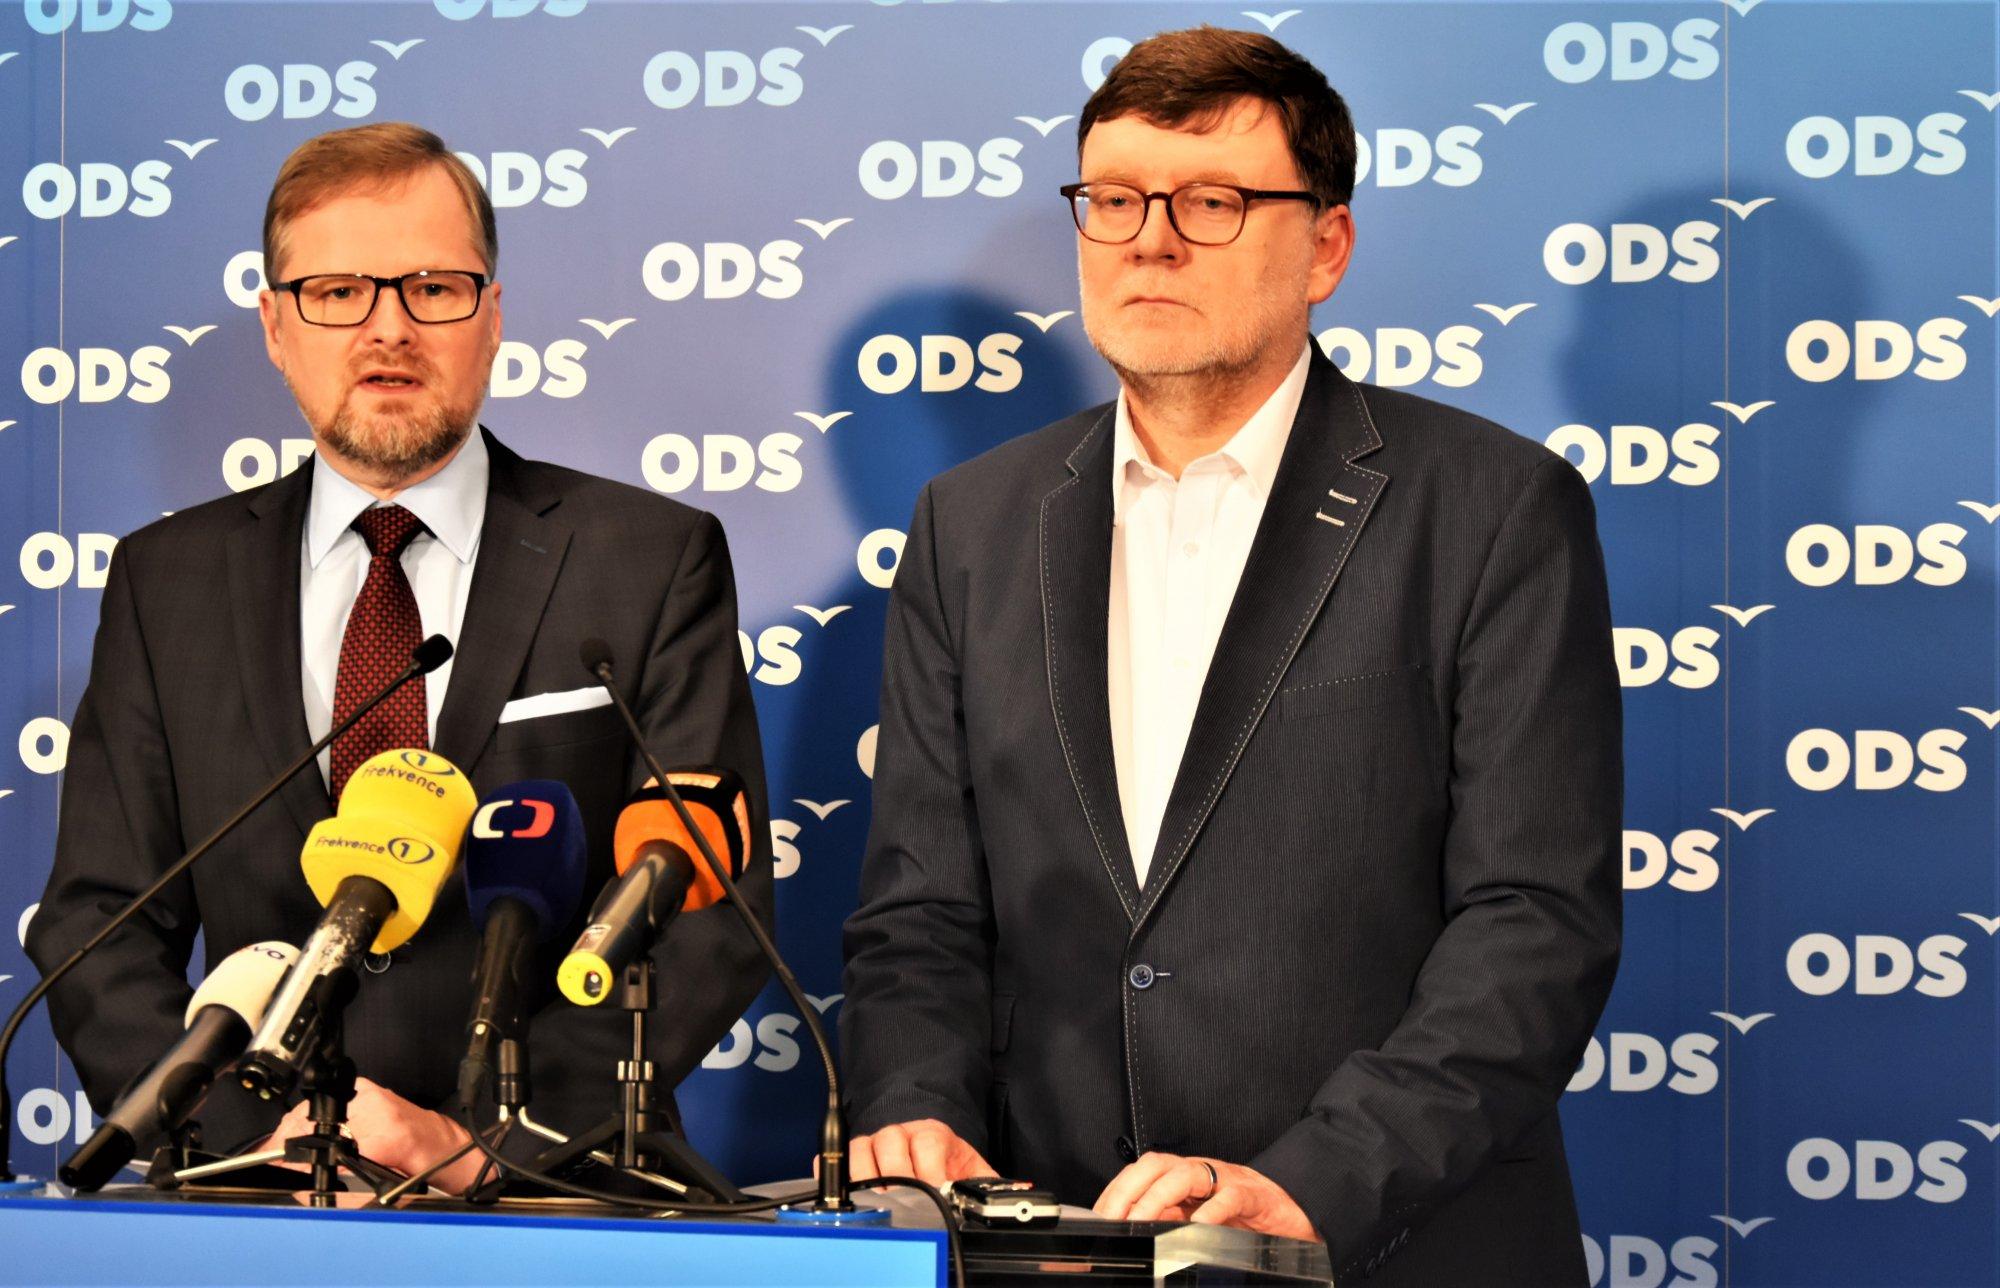 ODS: Stát nesmí nechat podnikatele na holičkách, představujeme druhý ekonomický balíček